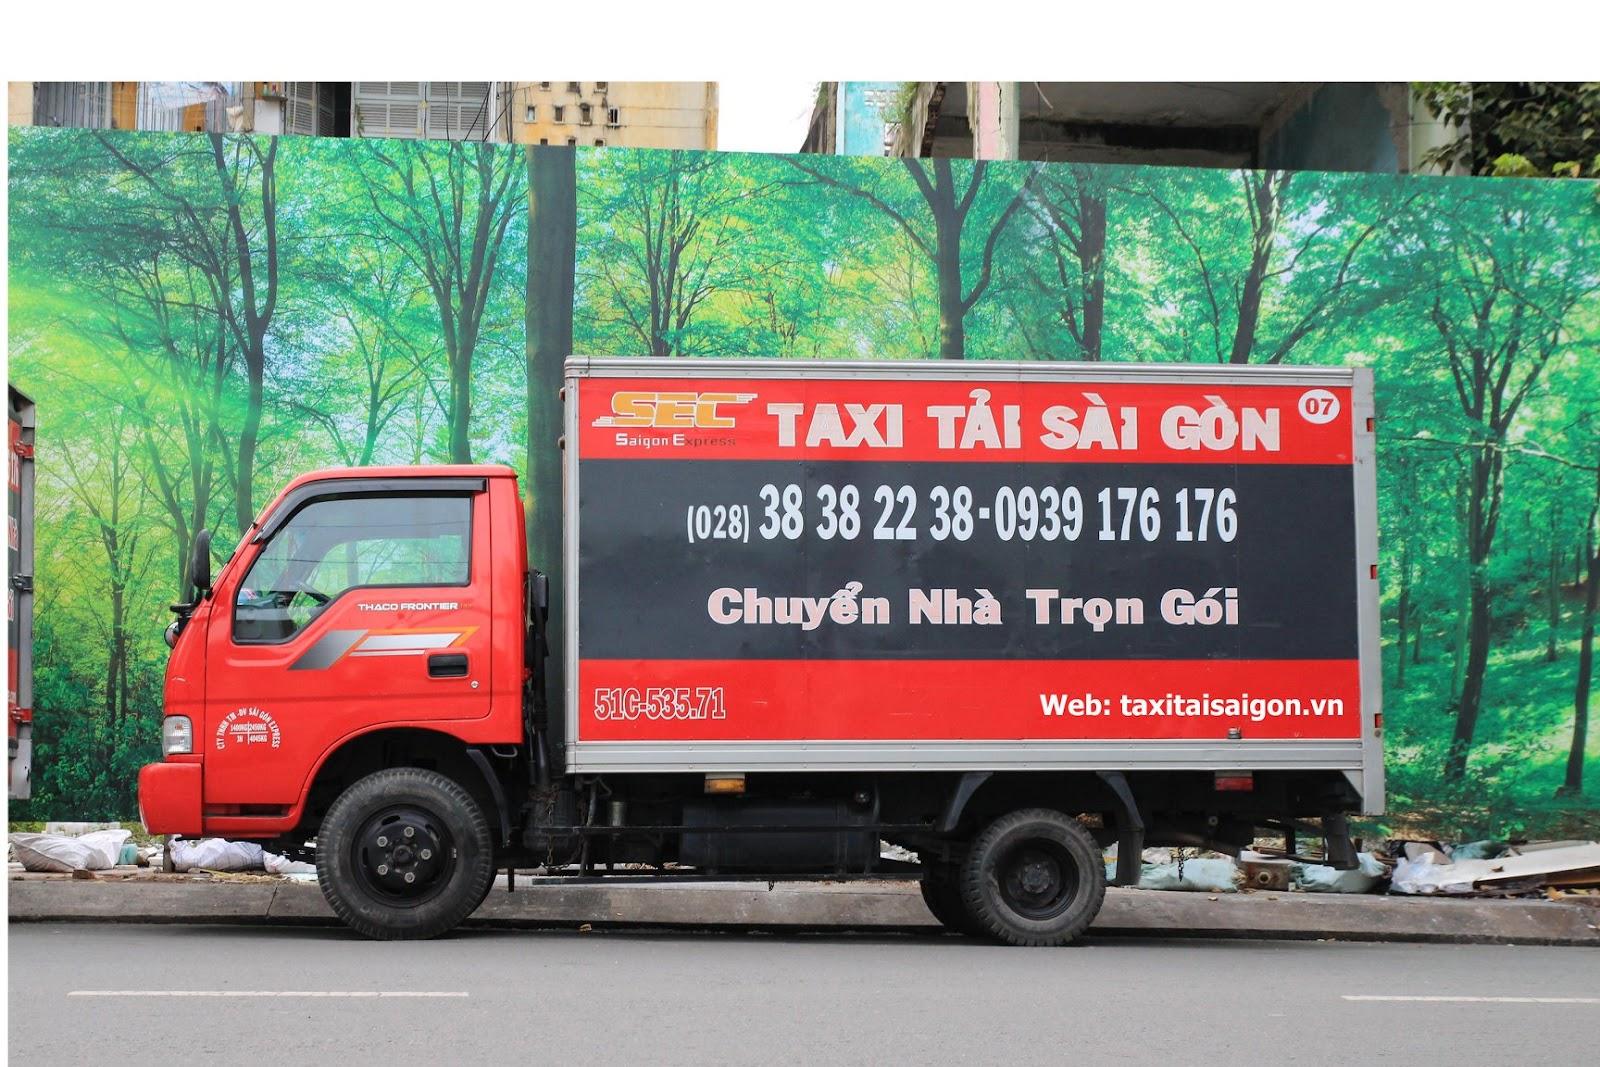 hình ảnh Dịch vụ chuyển nhà trọn gói Saigon Express - số 1